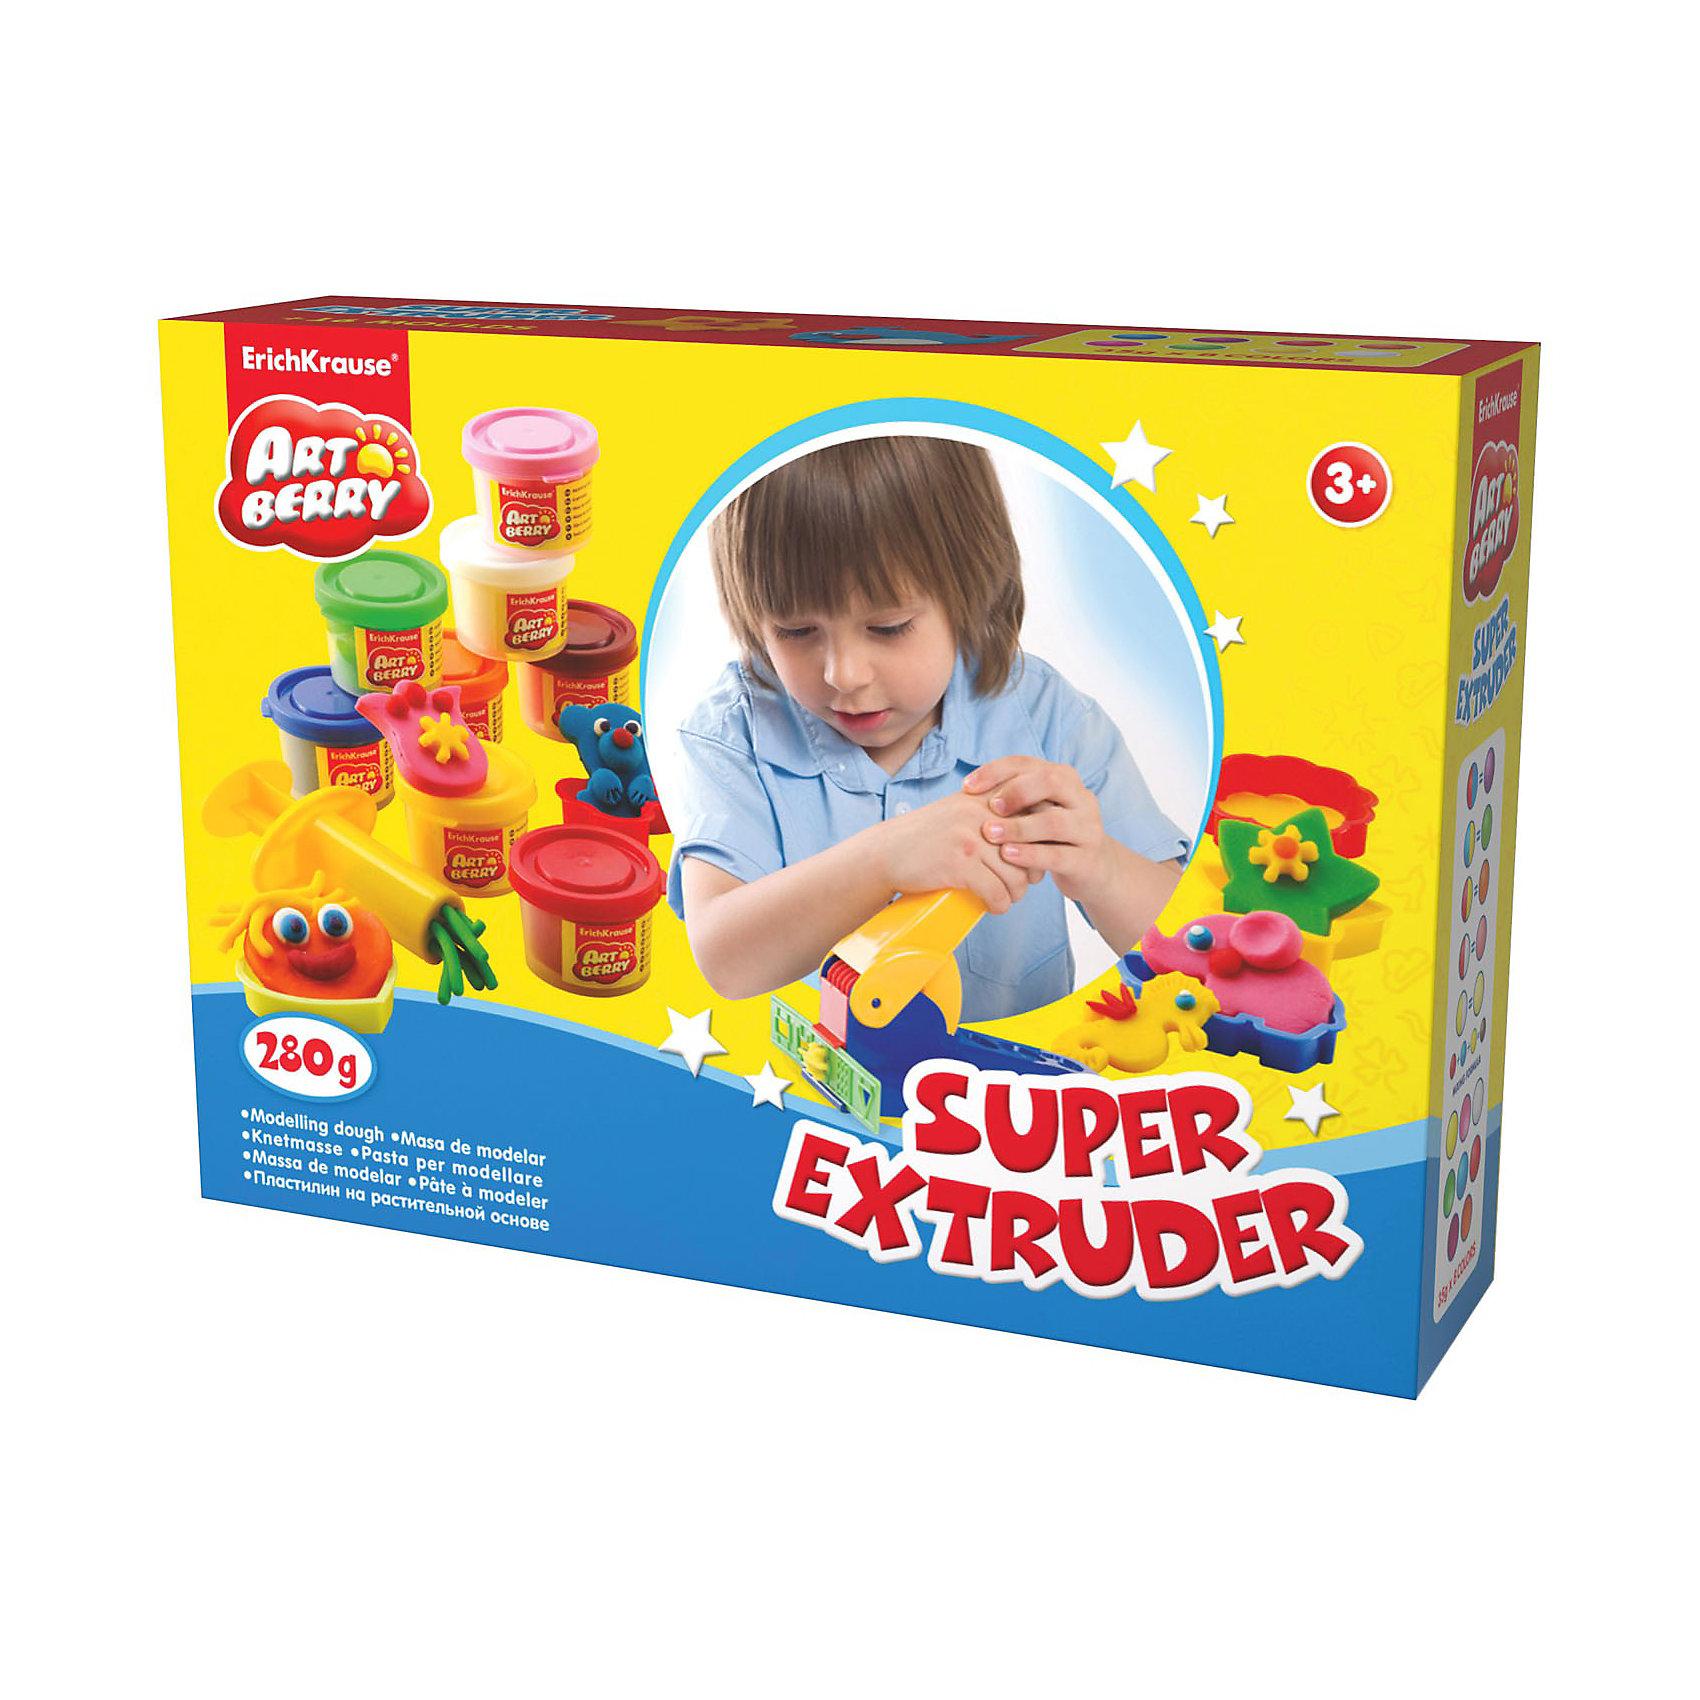 Игровой набор Super Extruder Playset, Artberry, 8 цвЛепка<br>Пластилин на растительной основе Super Extruder Playset, 8 цв от Erich Krause (Эрих Краузе) абсолютно безопасен для Вашего малыша!<br><br>Дополнительная информация:<br><br>Состав: 8 цветов пластилина по 35 г + 8 формочек для лепки, скалка, стек, 2 шприца, 2 декоративные линейки, пресс и ролик для пластилина.  <br>Упаковка: картонная коробка в термоплёнке<br><br>Ширина мм: 315<br>Глубина мм: 80<br>Высота мм: 210<br>Вес г: 838<br>Возраст от месяцев: 36<br>Возраст до месяцев: 144<br>Пол: Унисекс<br>Возраст: Детский<br>SKU: 3293878